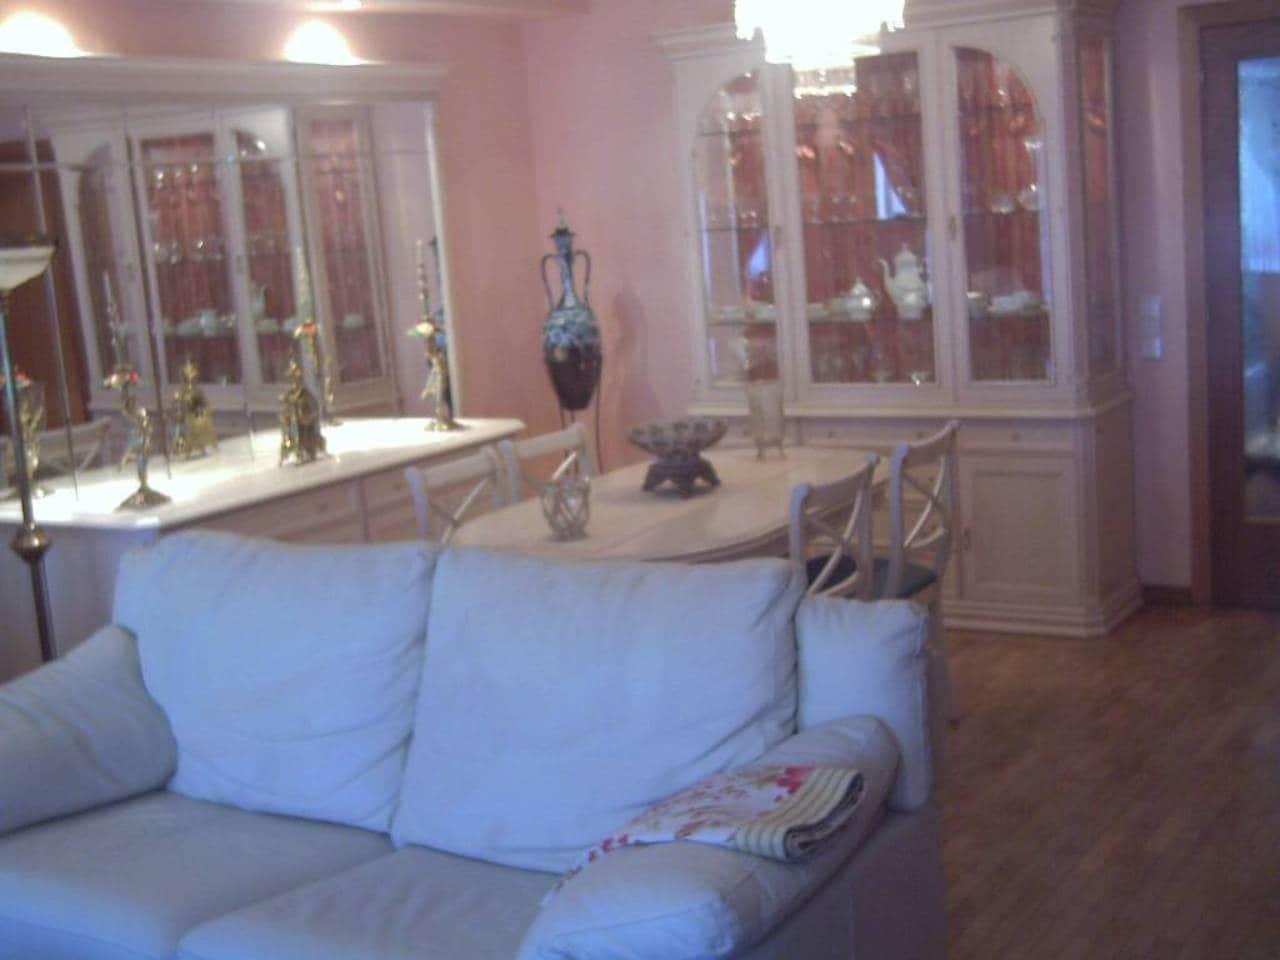 Adosado de 3 habitaciones en Santa Eulàlia de Ronçana en venta con garaje - 285.000 € (Ref: 4029557)